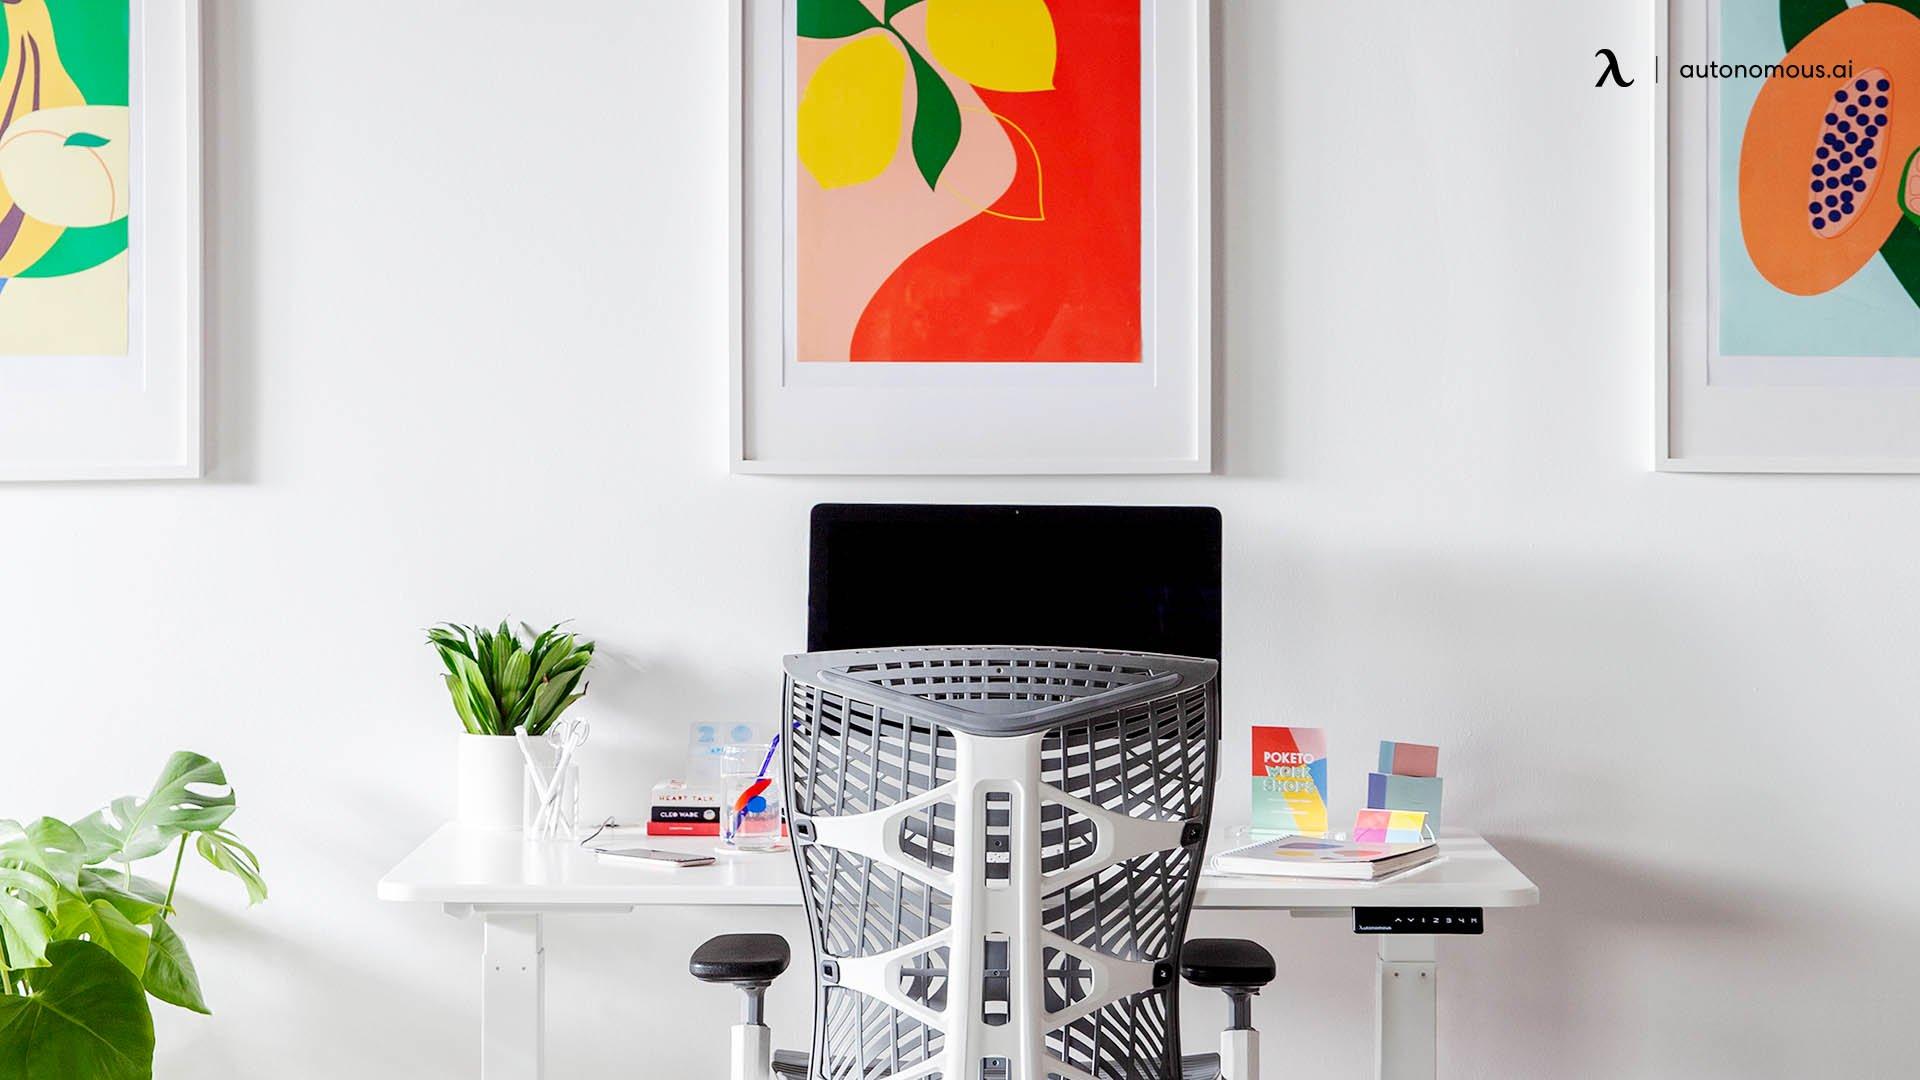 How to setup ergonomic desk